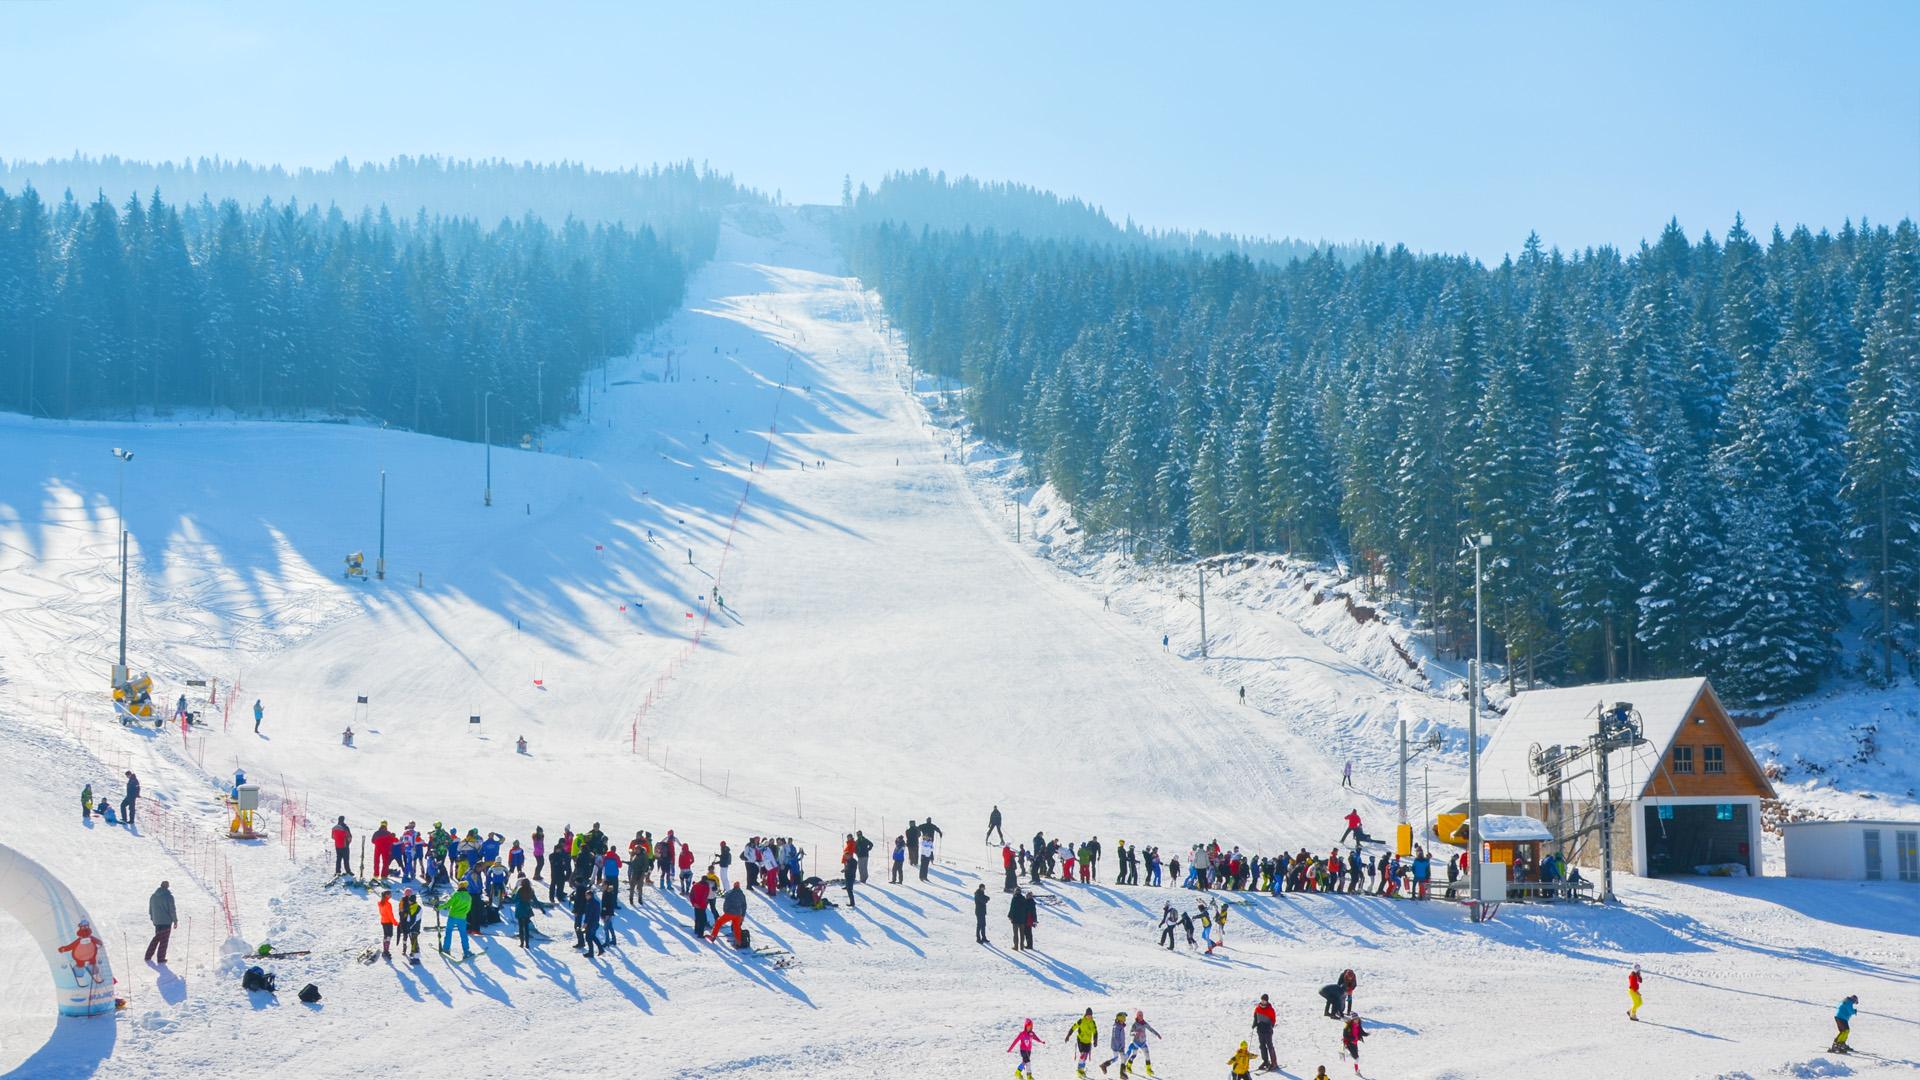 В Равной Планине около 12 км лыжных трасс